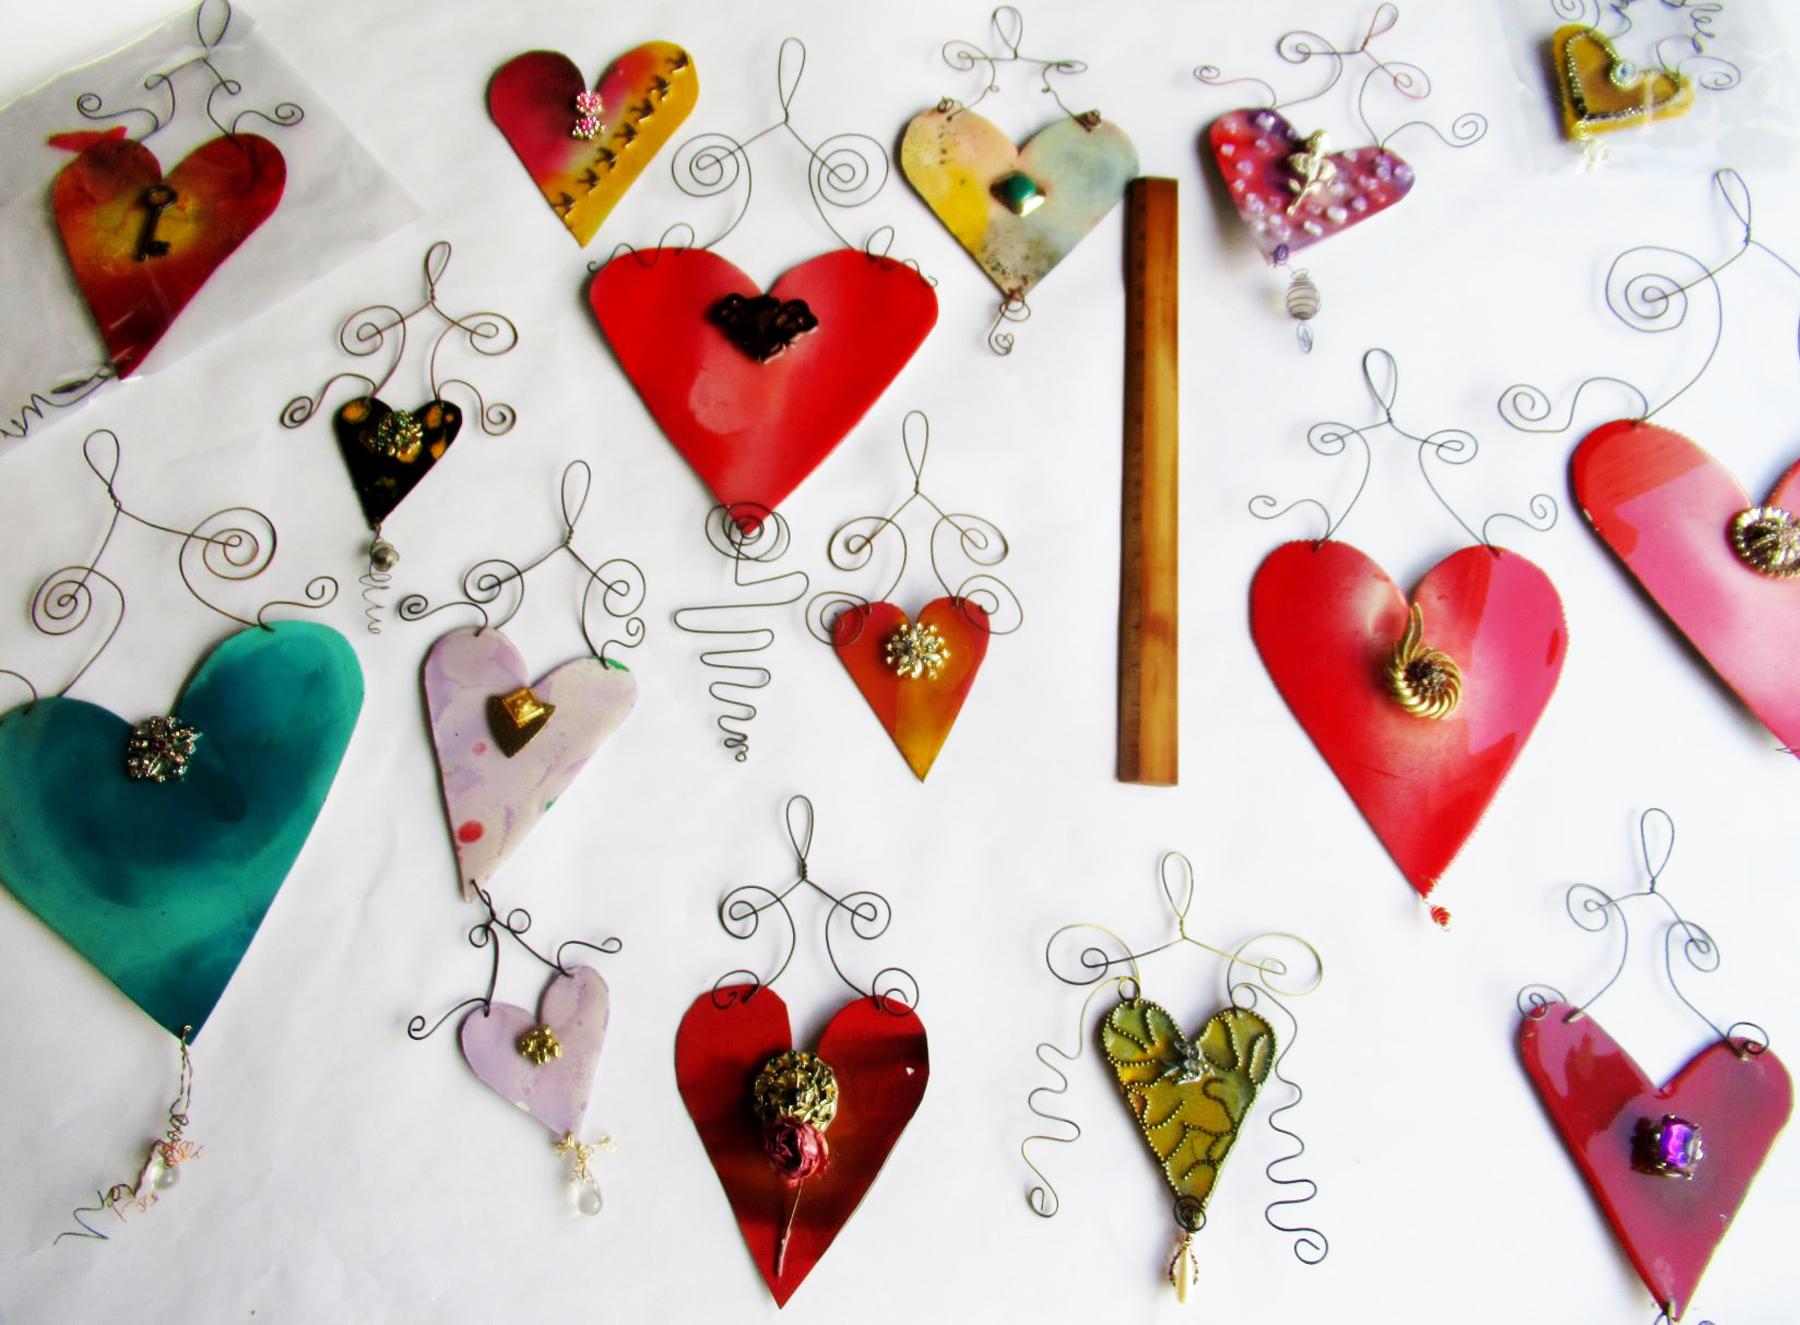 John Bumkens: Set of Hearts